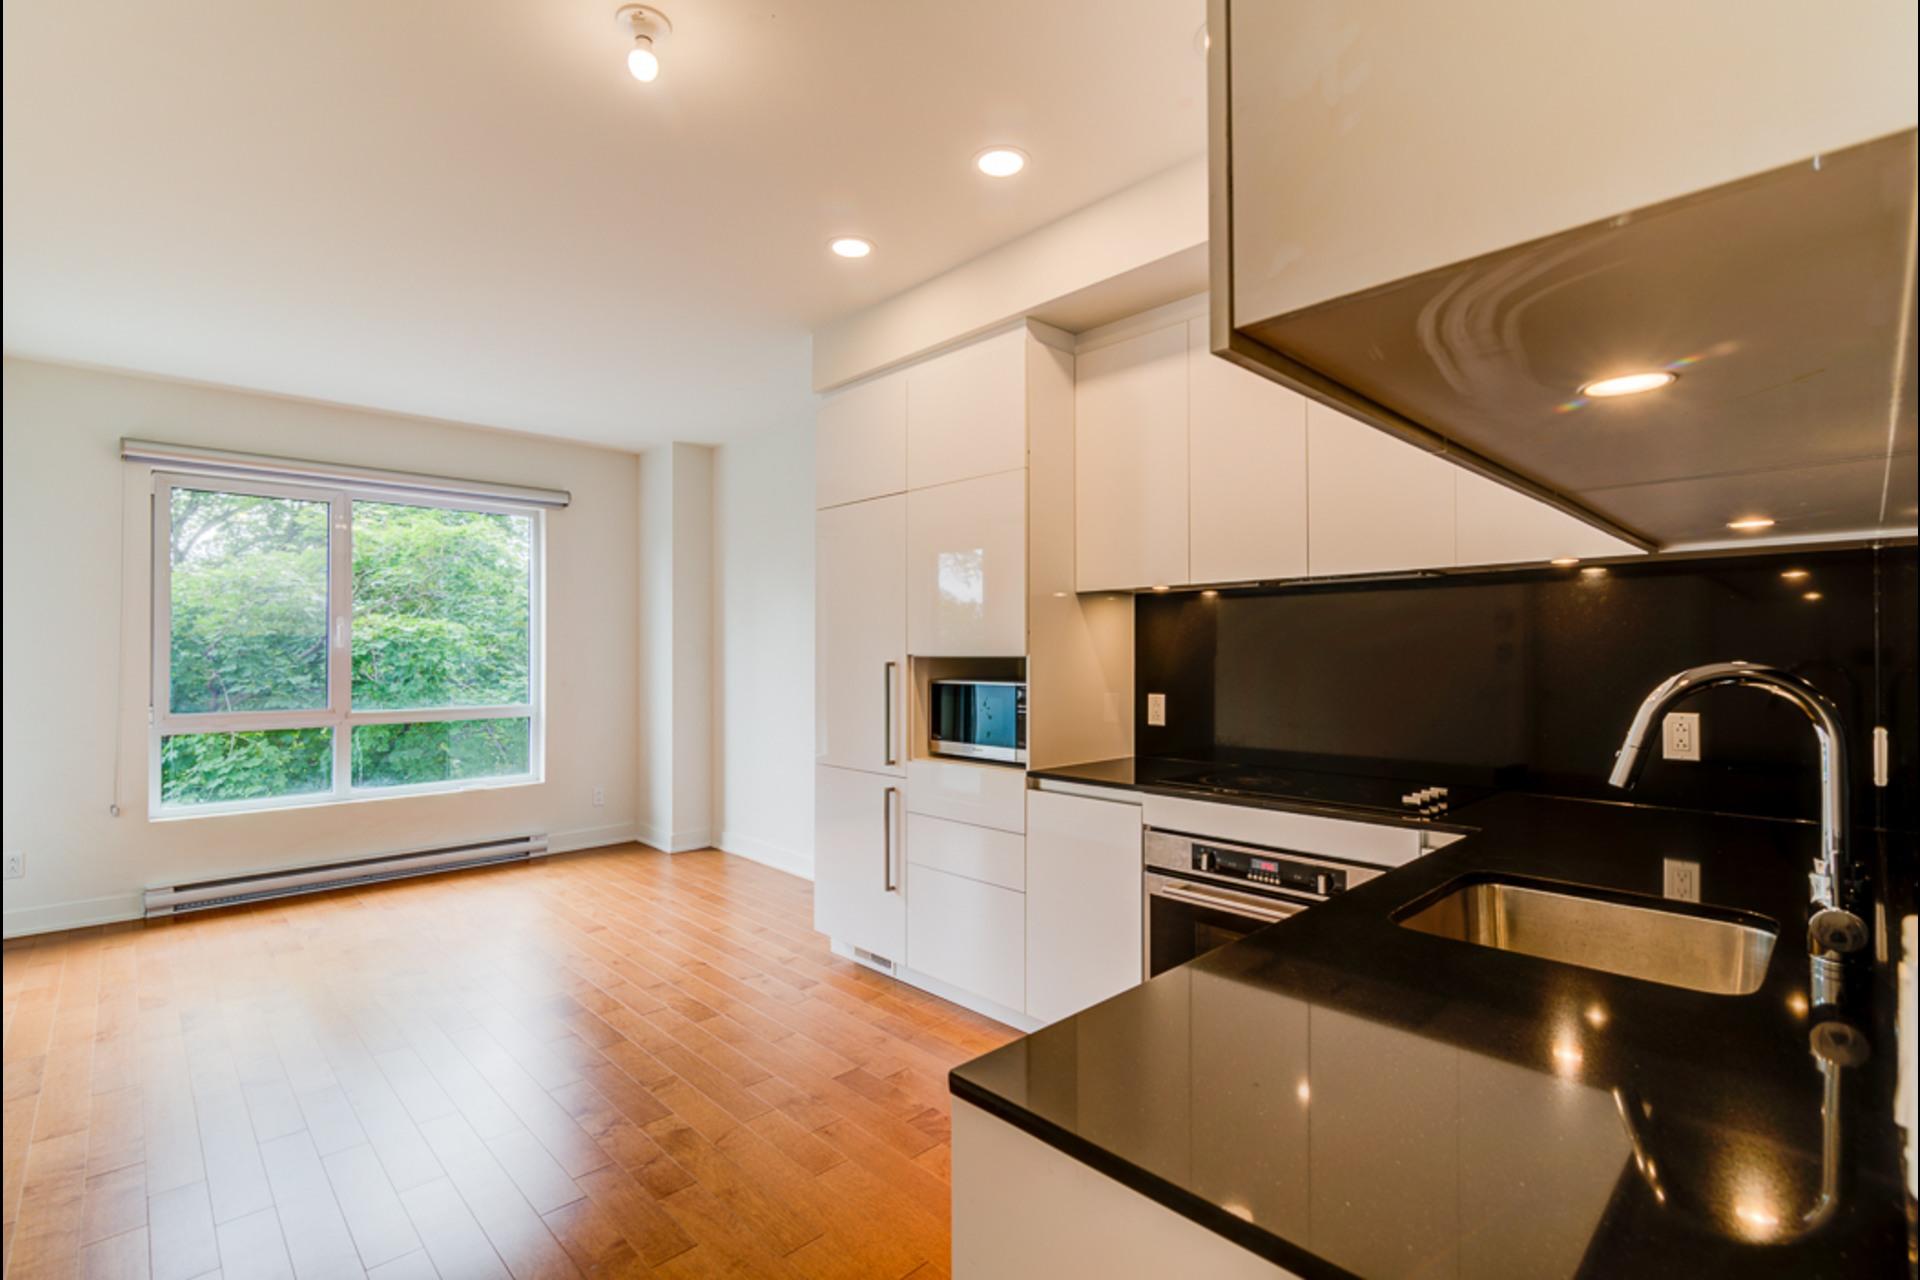 image 2 - Condo For rent Montréal